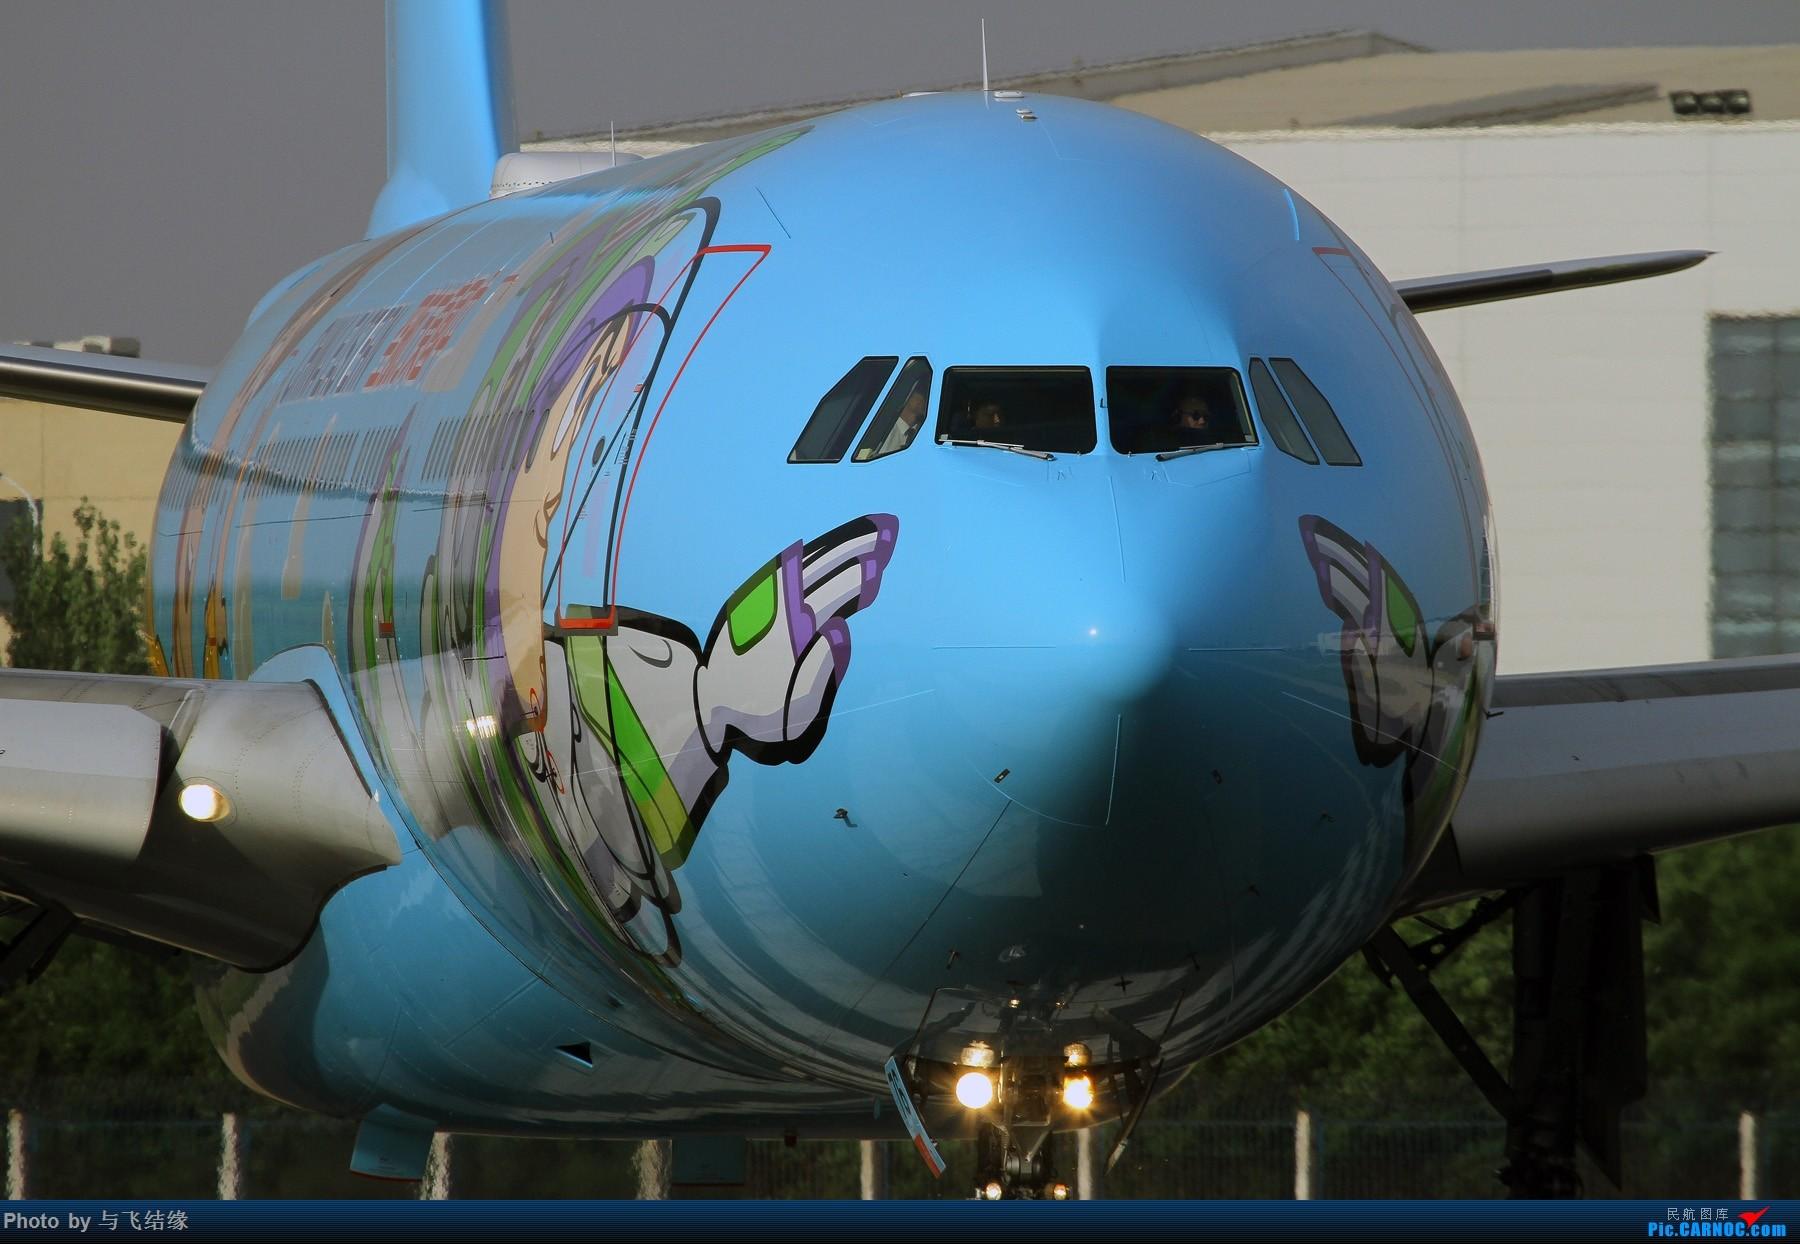 Re:[原创]东航上海迪士尼《玩具总动员》彩绘! AIRBUS A330-300 B-5976 中国北京首都国际机场